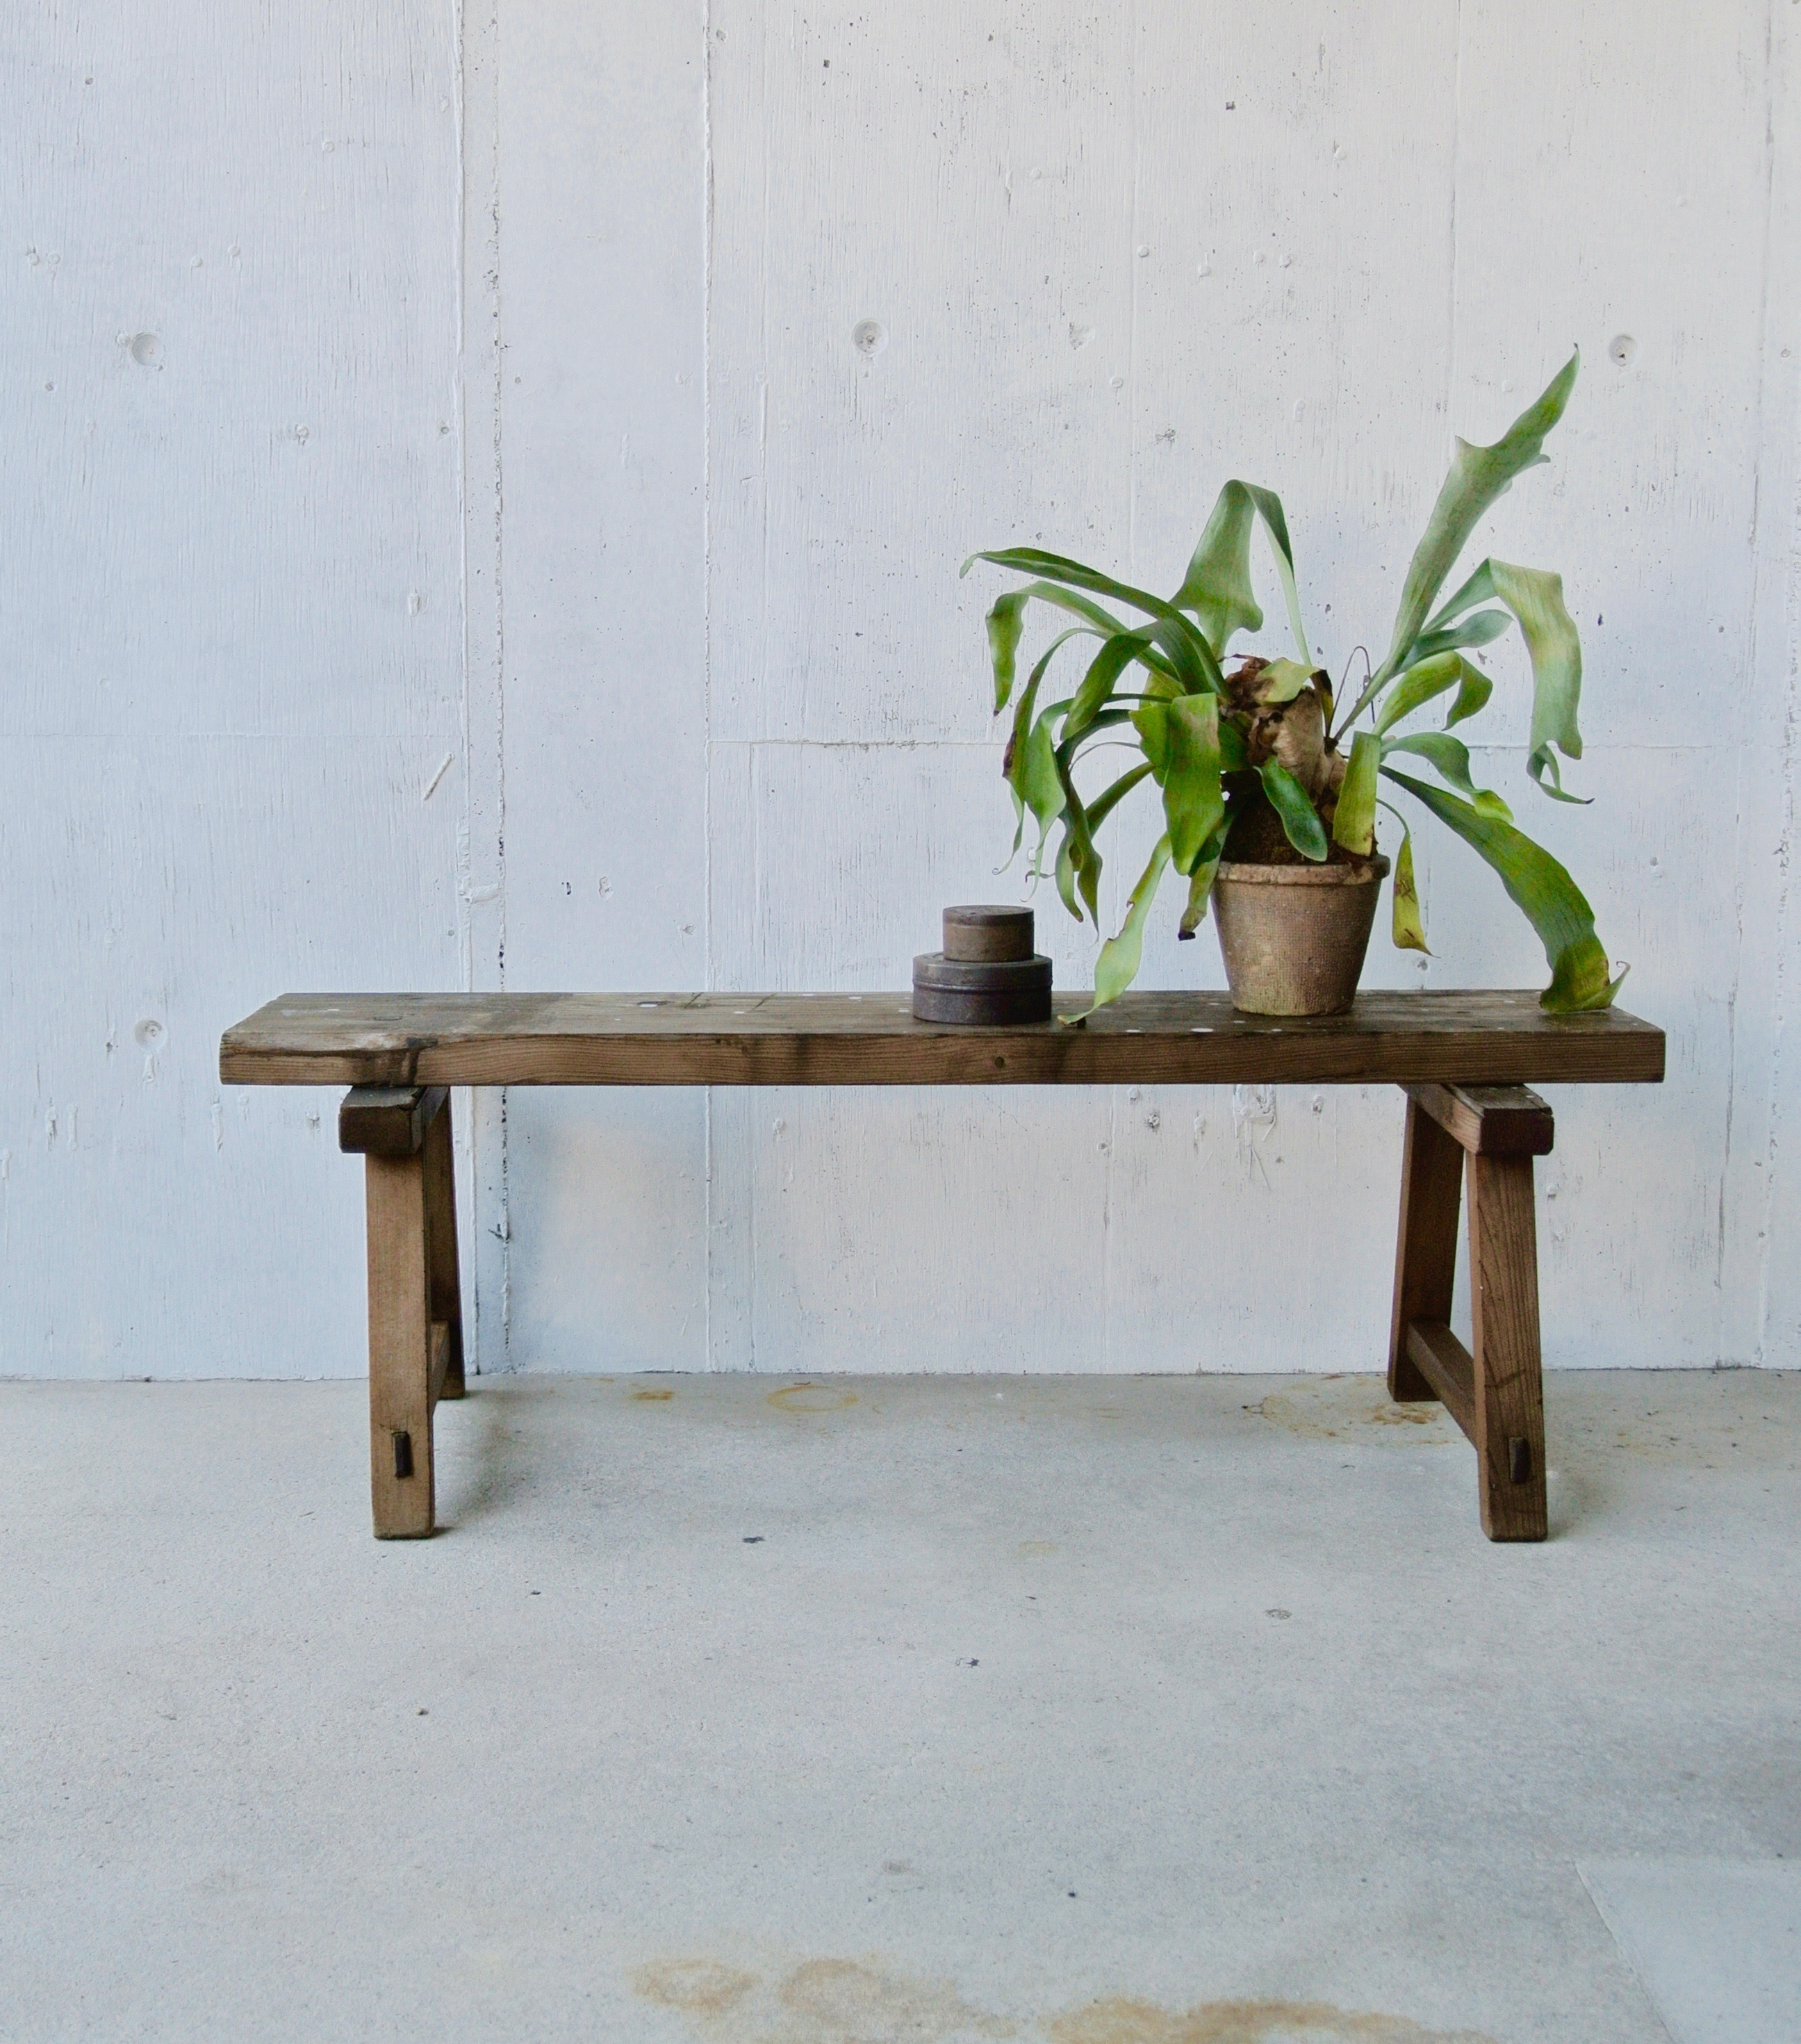 レトロな濃い木味のベンチ[古家具]